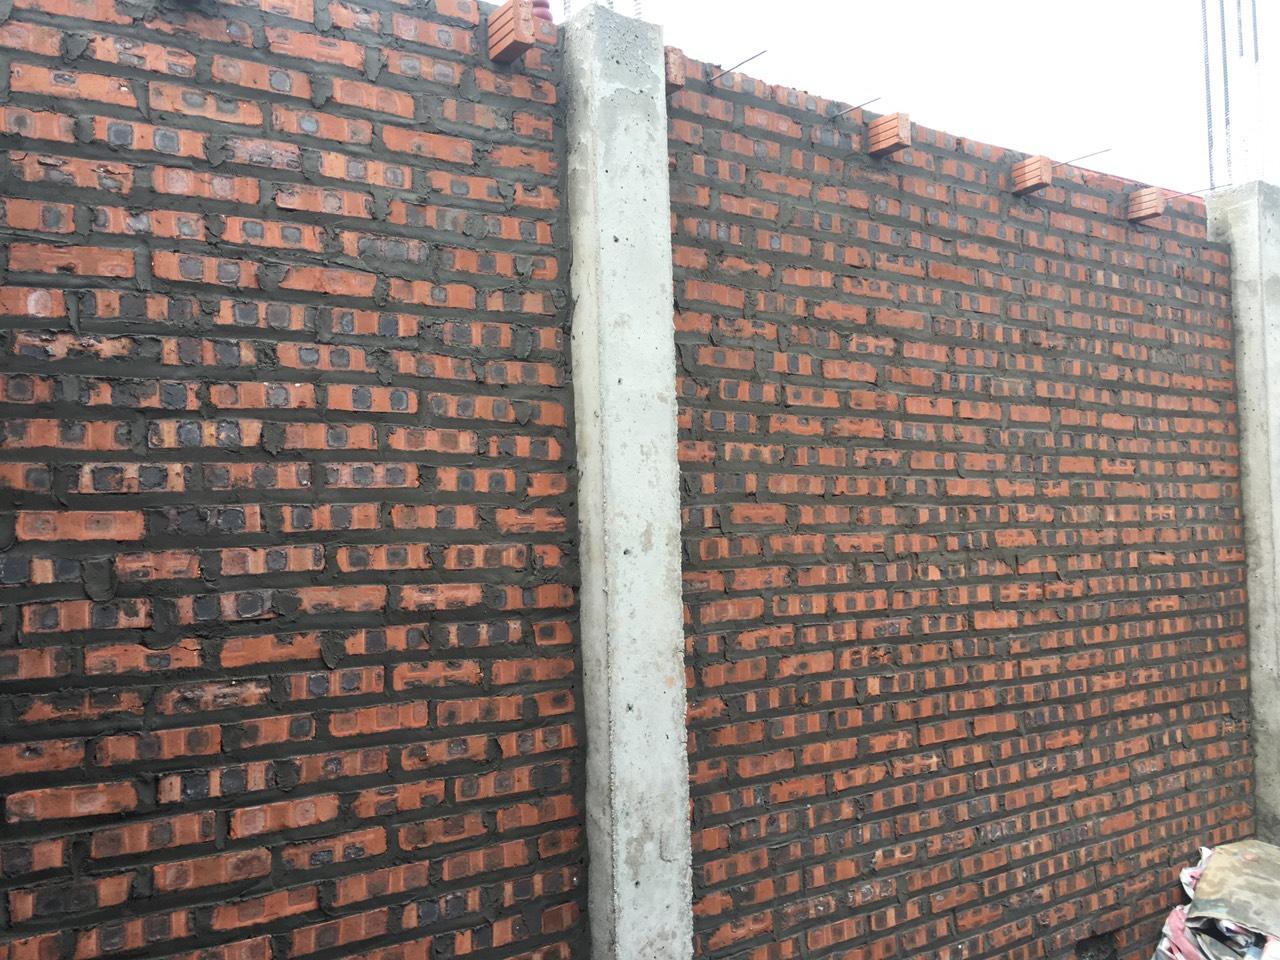 báo giá xây nhà trọn gói 2020 quận Cầu Giấy, Hà Nội